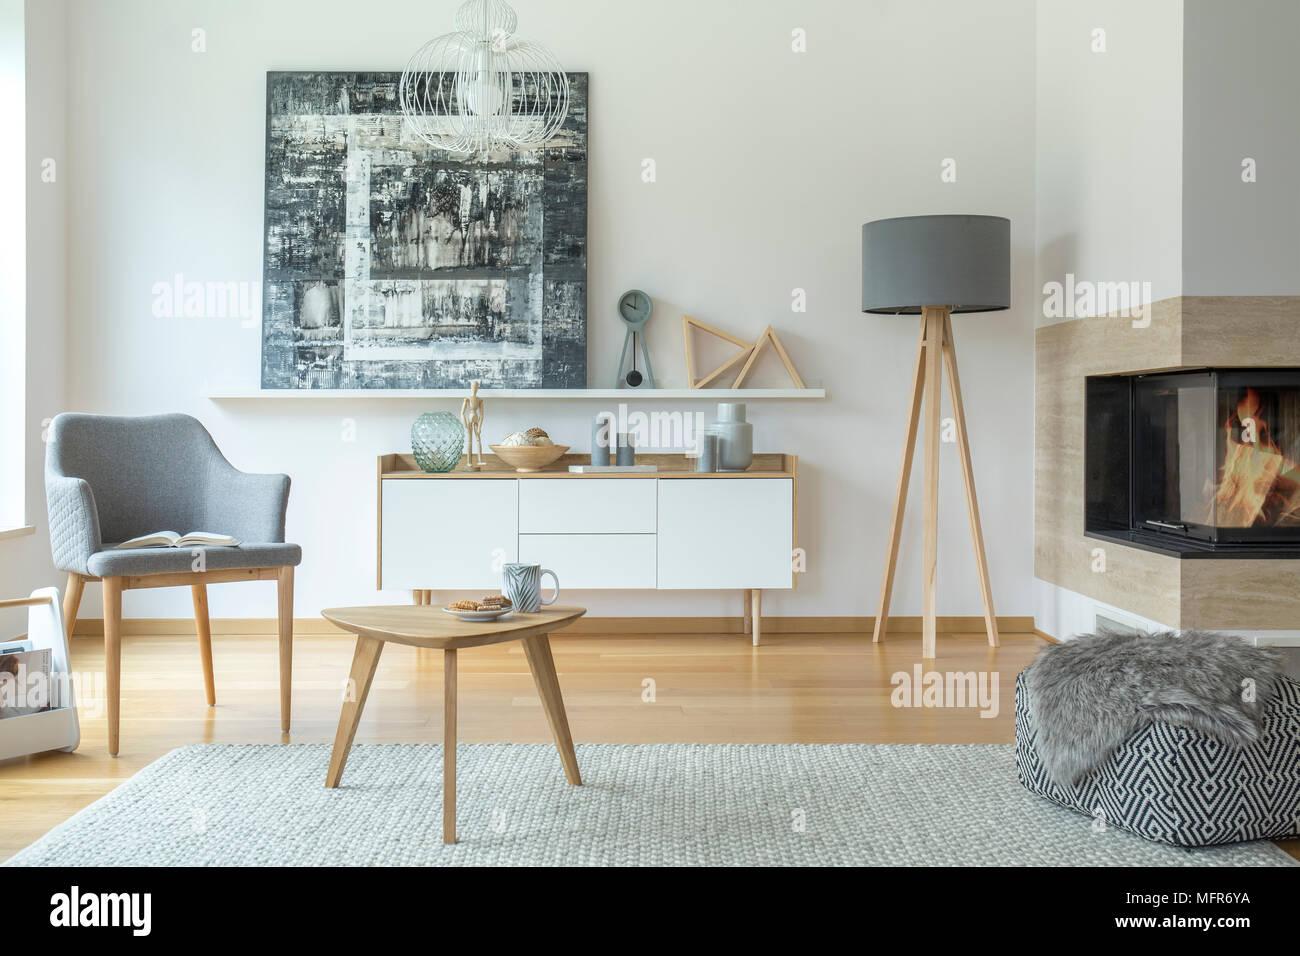 Perfekt Gemusterte Puff In Der Nähe Von Kamin Und Grau Lampe In Scandi Wohnzimmer  Einrichtung Mit Sessel Und Malerei